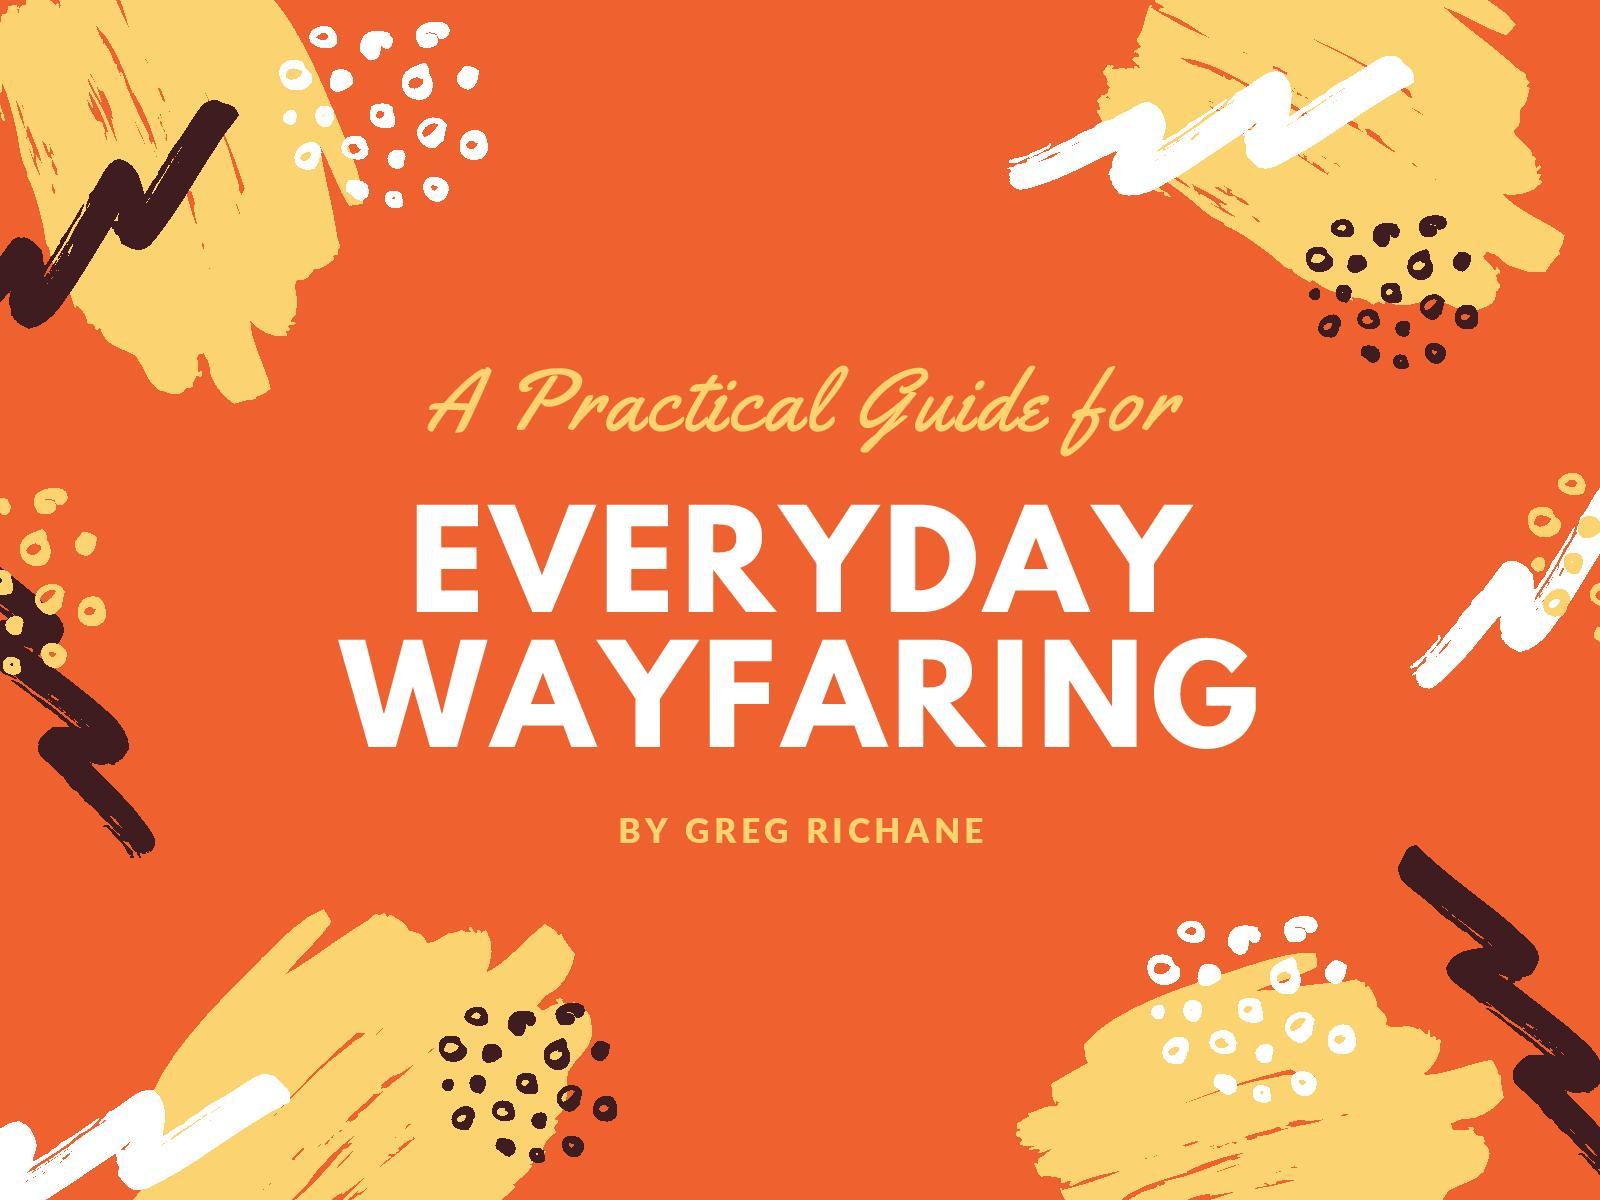 Wayfaring-page-002.jpg